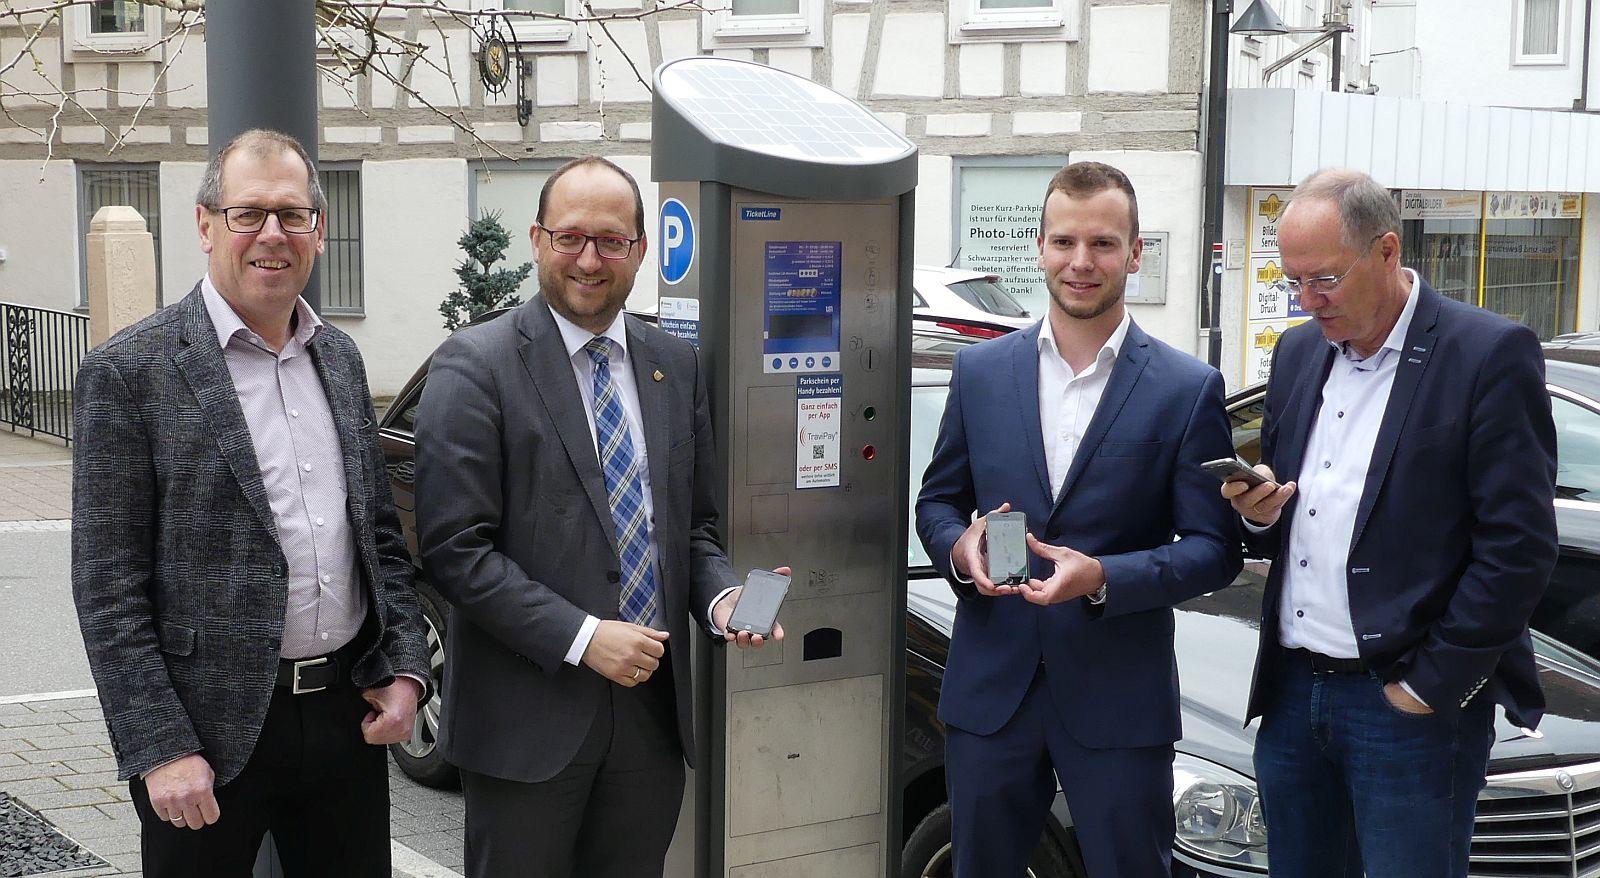 Freuen sich über die neue Möglichkeit, die Parkgebühren per Smartphone zu bezahlen (von links): Fachbereichsleiter Peter Weisser, Oberbürgermeister Thomas Herzog, Sales Manager Fabian Grief und Fachbereichsleiter Uwe Weisser. Foto:  him